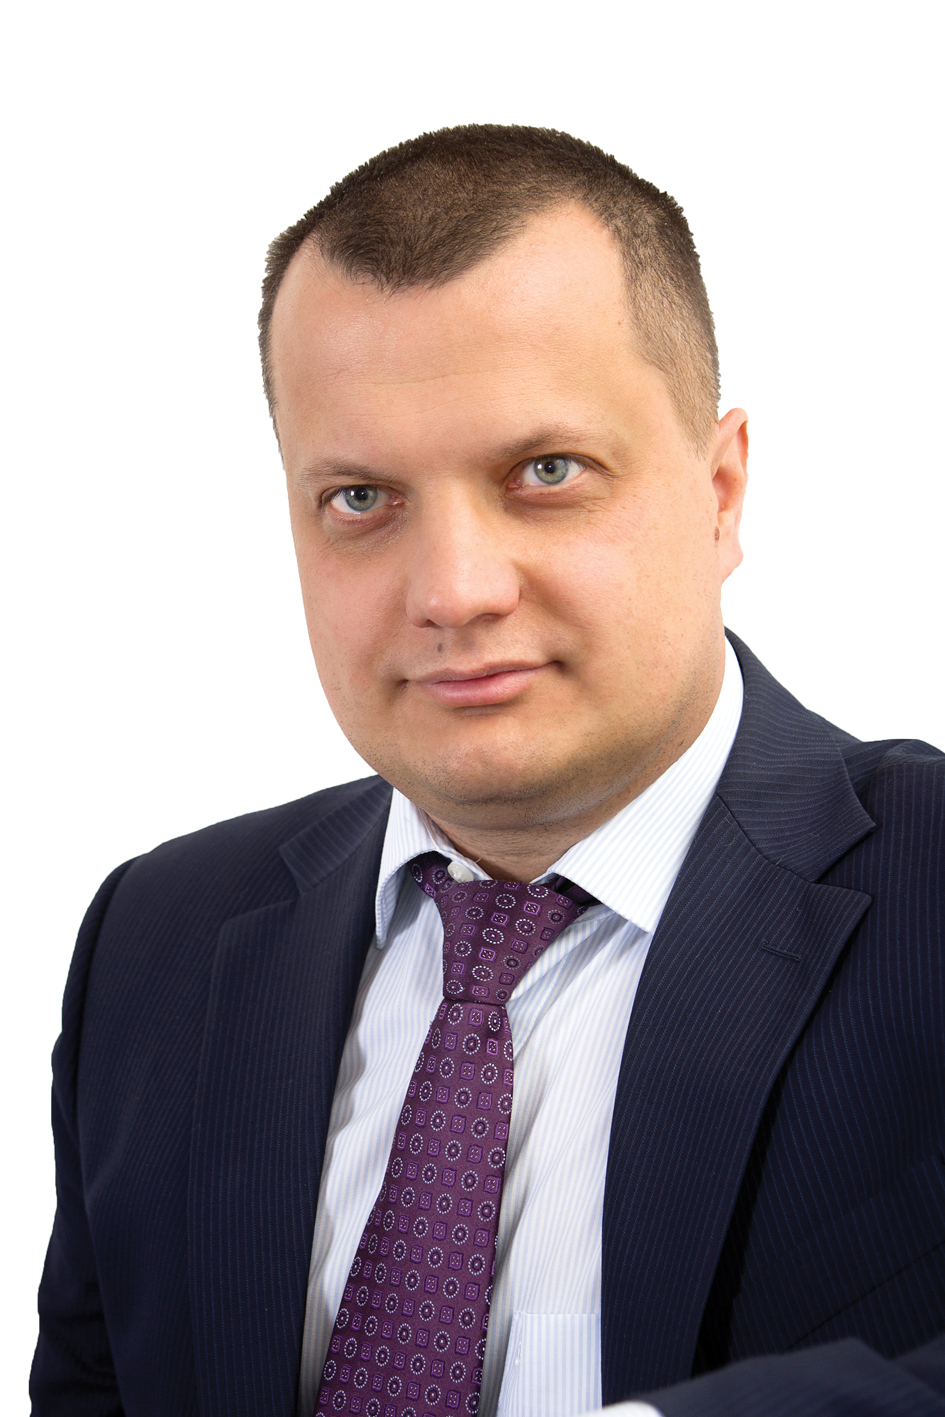 Юрий Мякочин, исполнительный директор АО «ПКК Миландр»